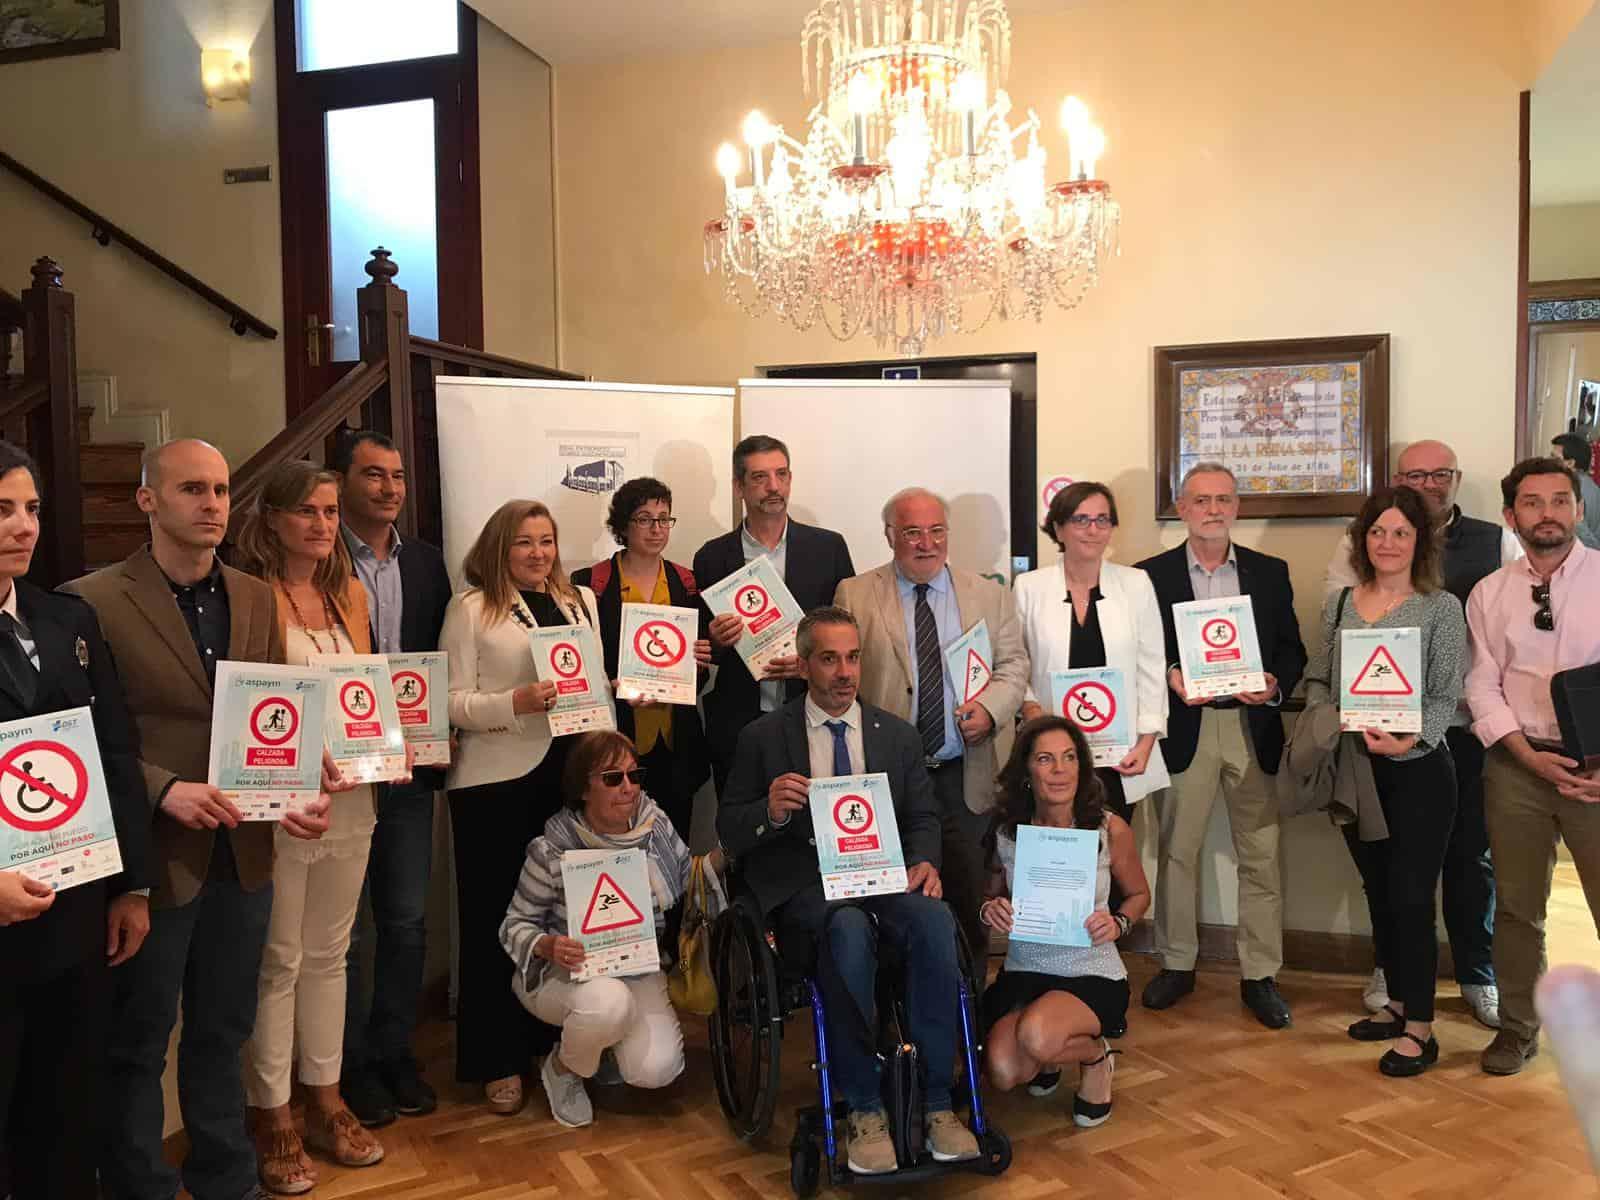 grupo de personas con el cartel de la campaña